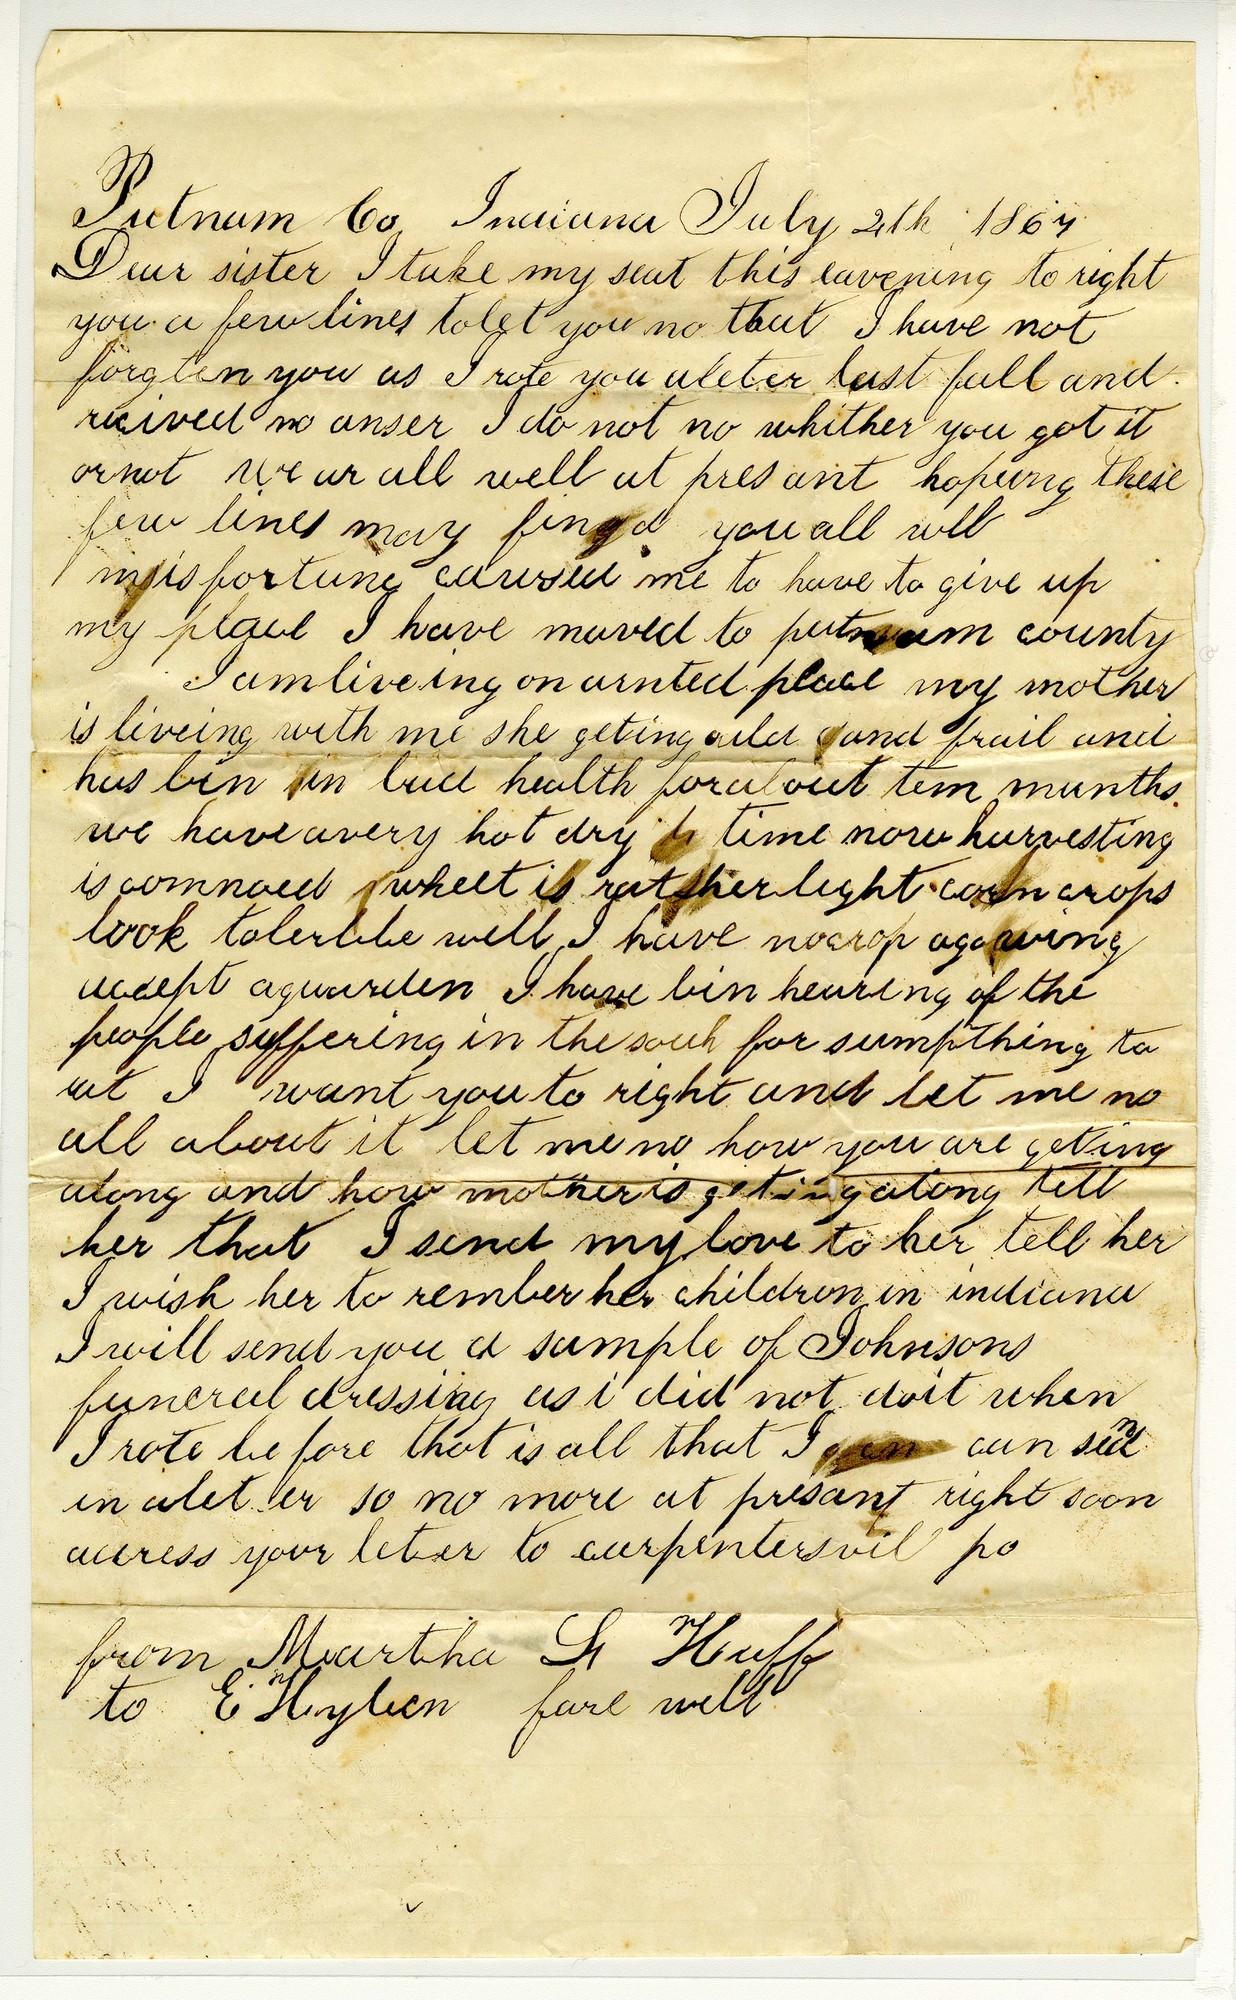 Ms1998_001_HuffHylton_Letter_1864_0721.jpg